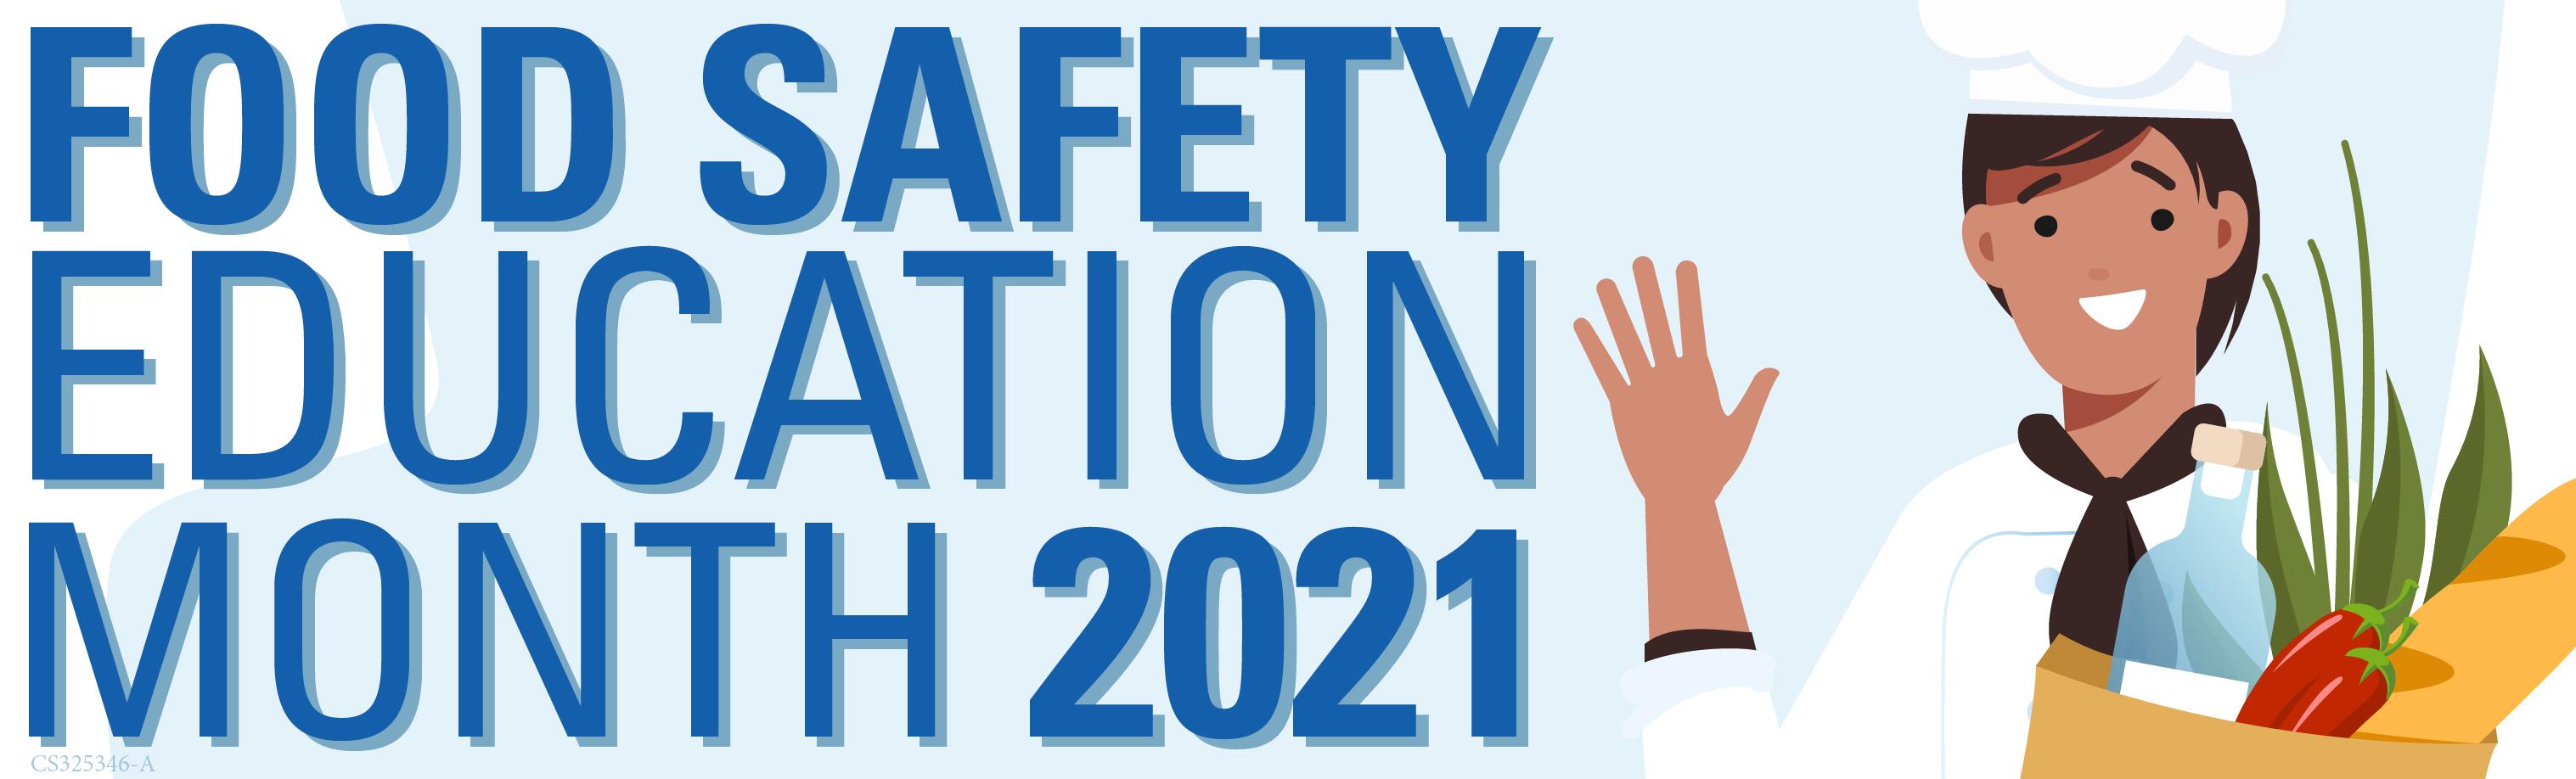 Logotipo del Mes de Educación sobre la Seguridad Alimentaria 2021